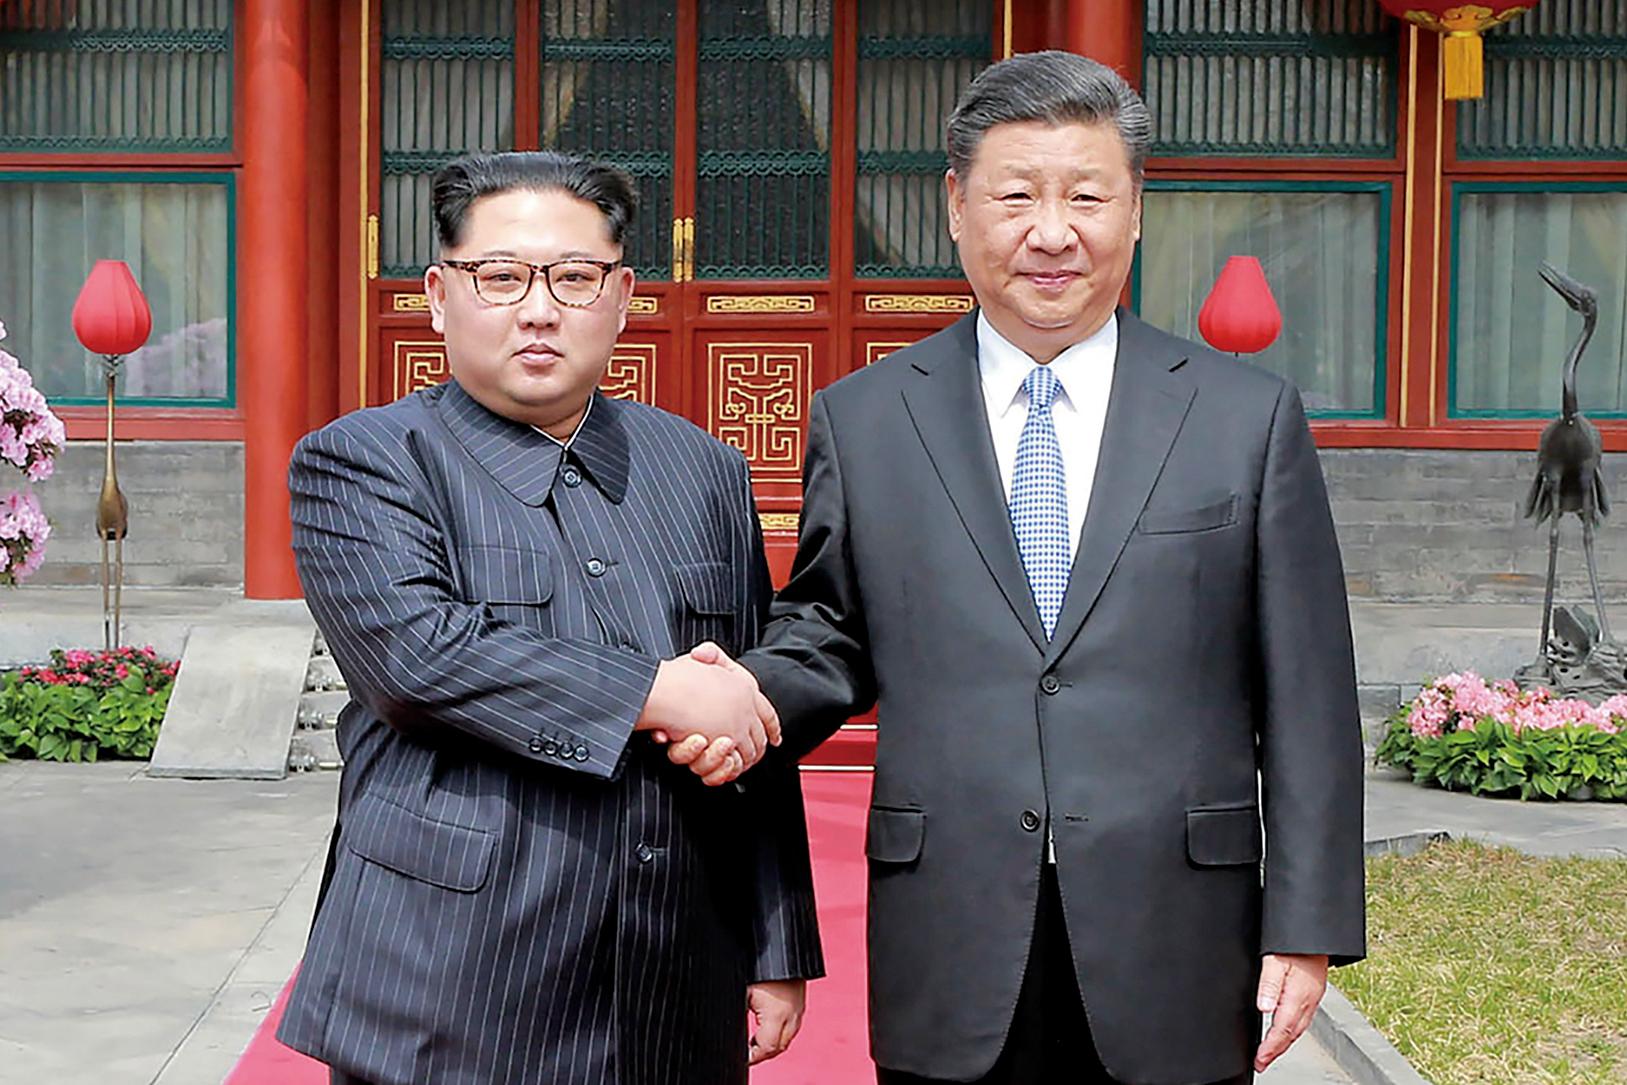 6月20日,中國國家主席習近平夫婦抵達北韓平壤,展開對北韓為期2天的訪問。圖為金正恩在北京訪問習近平。(AFP)